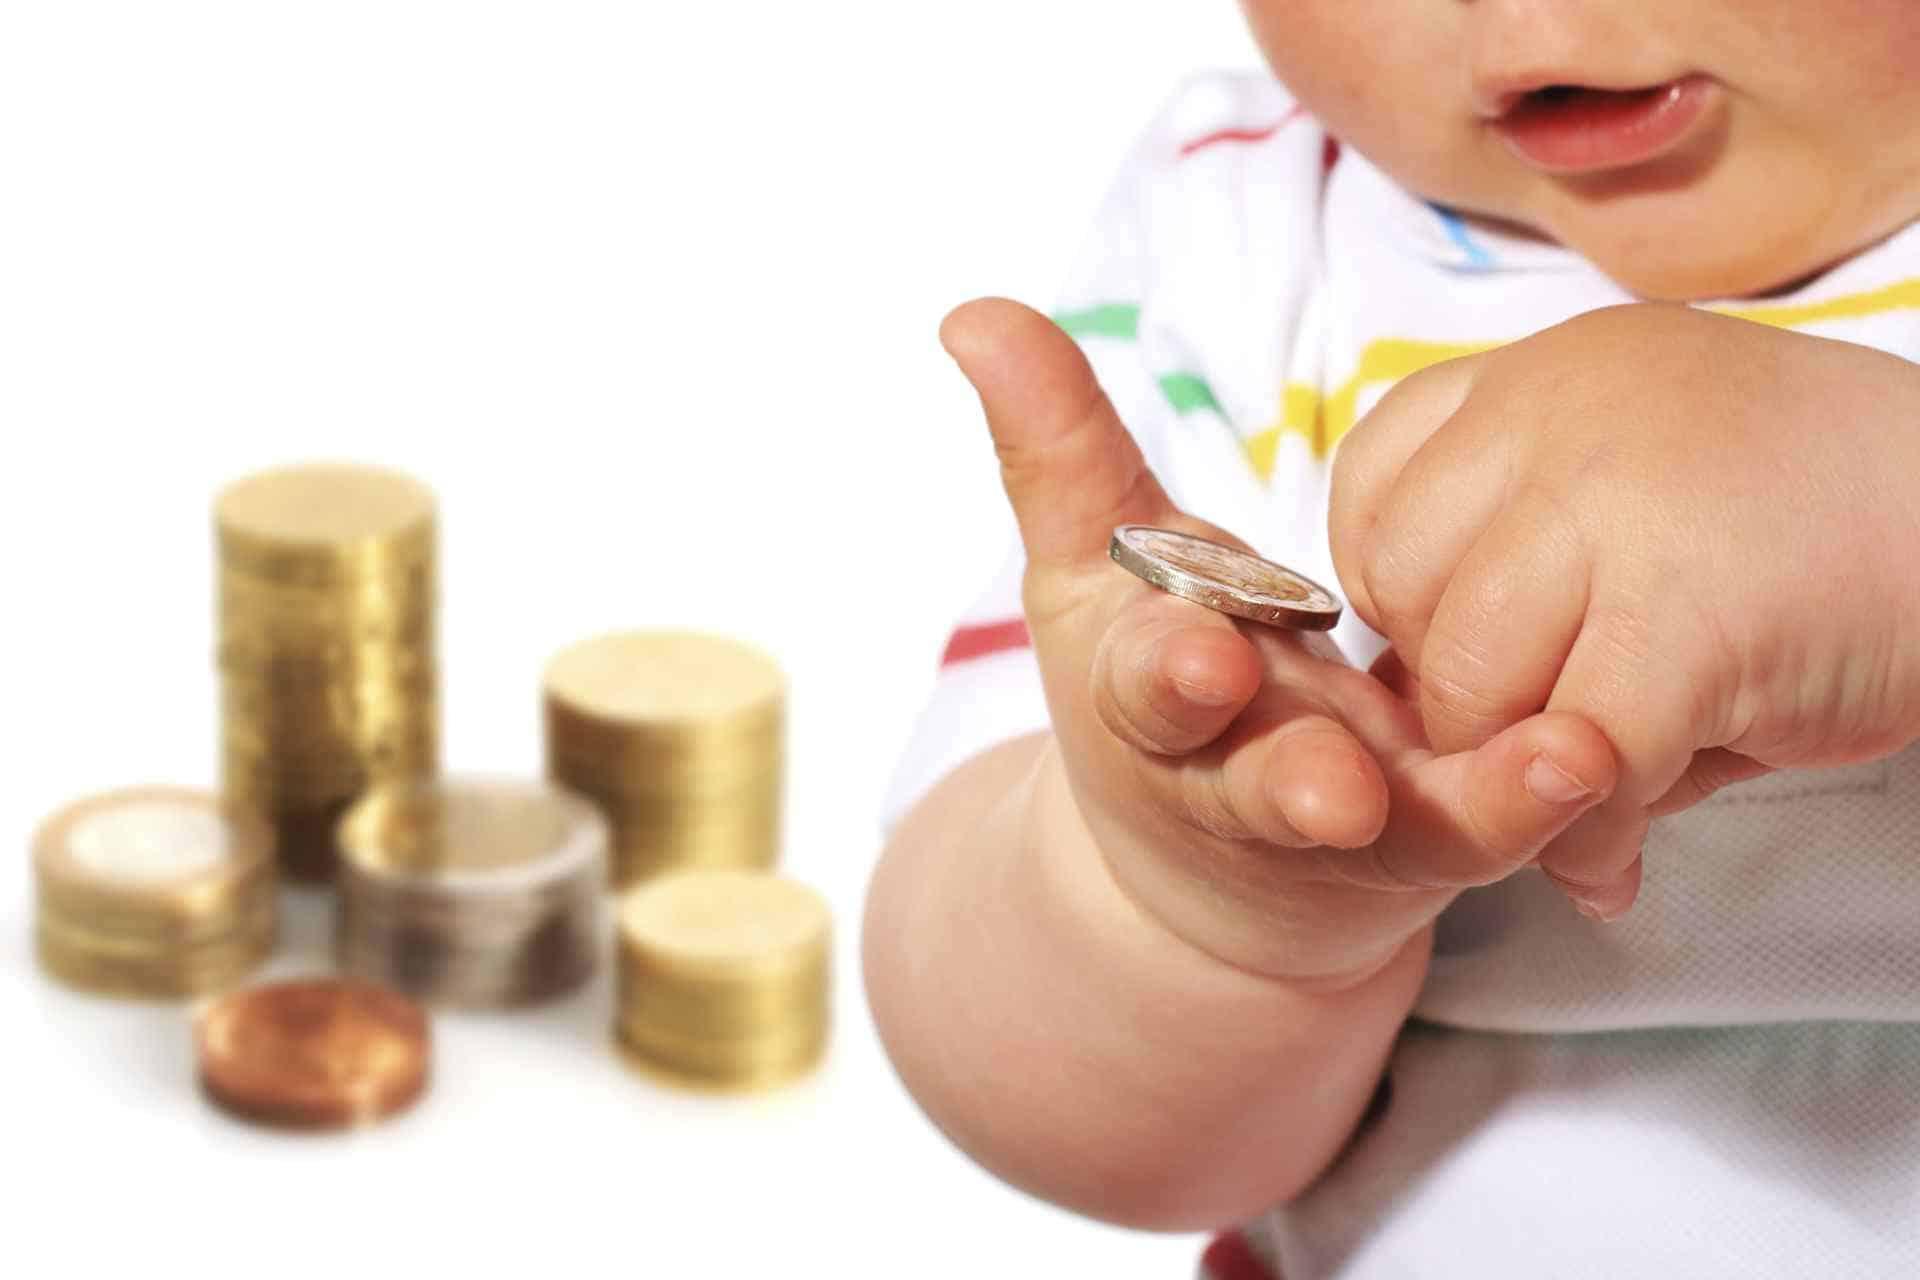 Пособие по уходу за ребенком до 1.5 лет в 2021 году